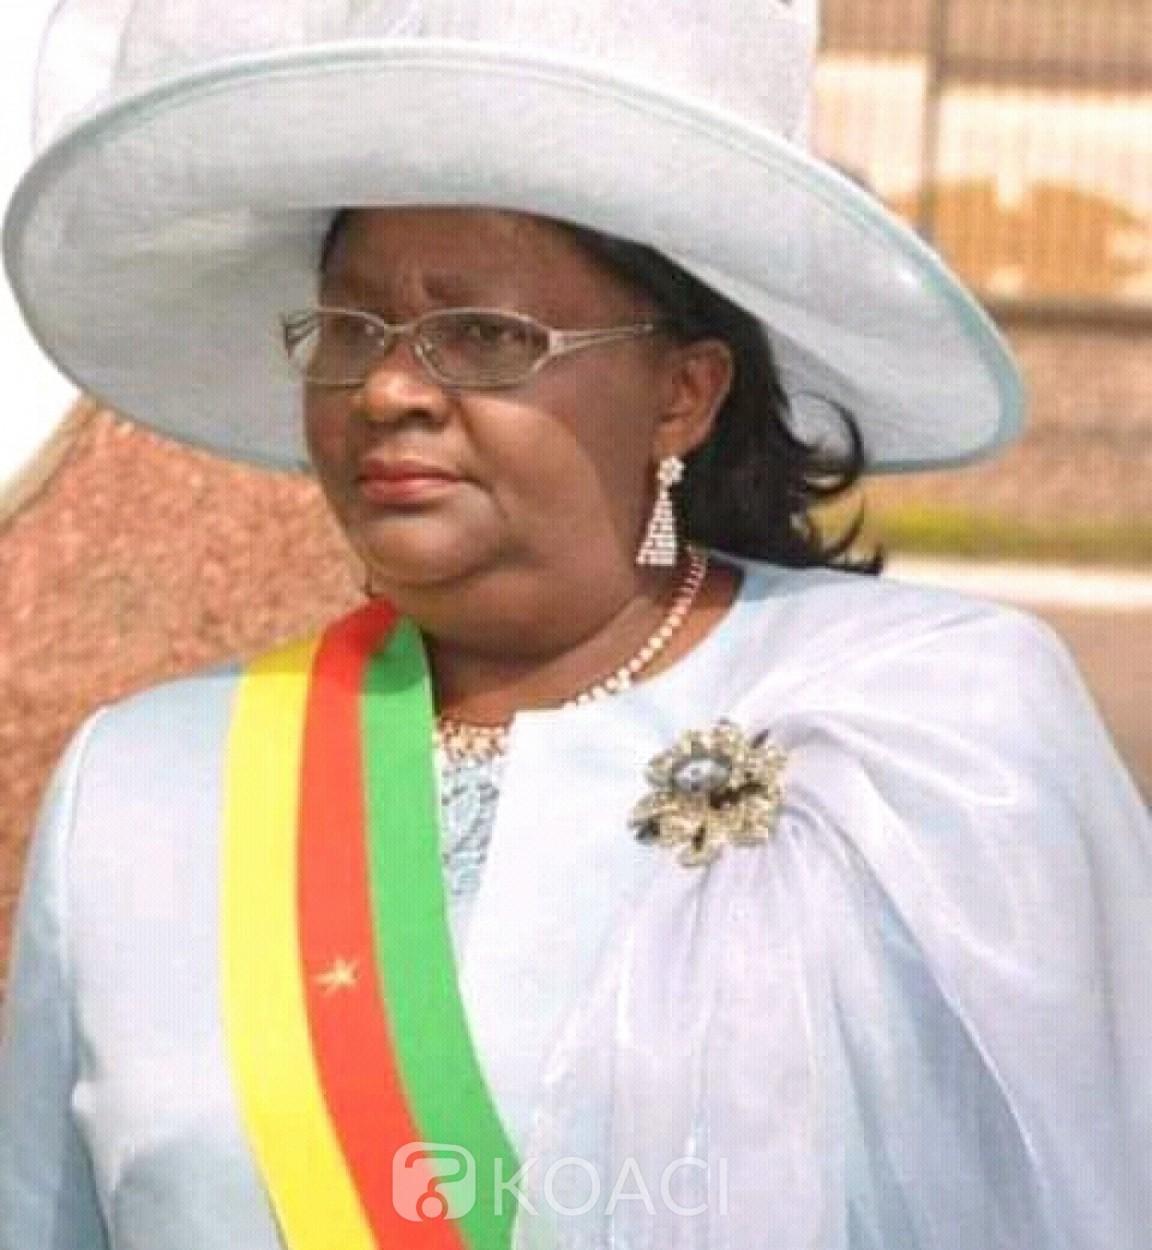 Cameroun : Décès à 62 ans d'Emilia Mojowa Lifaka, vice-présidente de l'Assemblée nationale